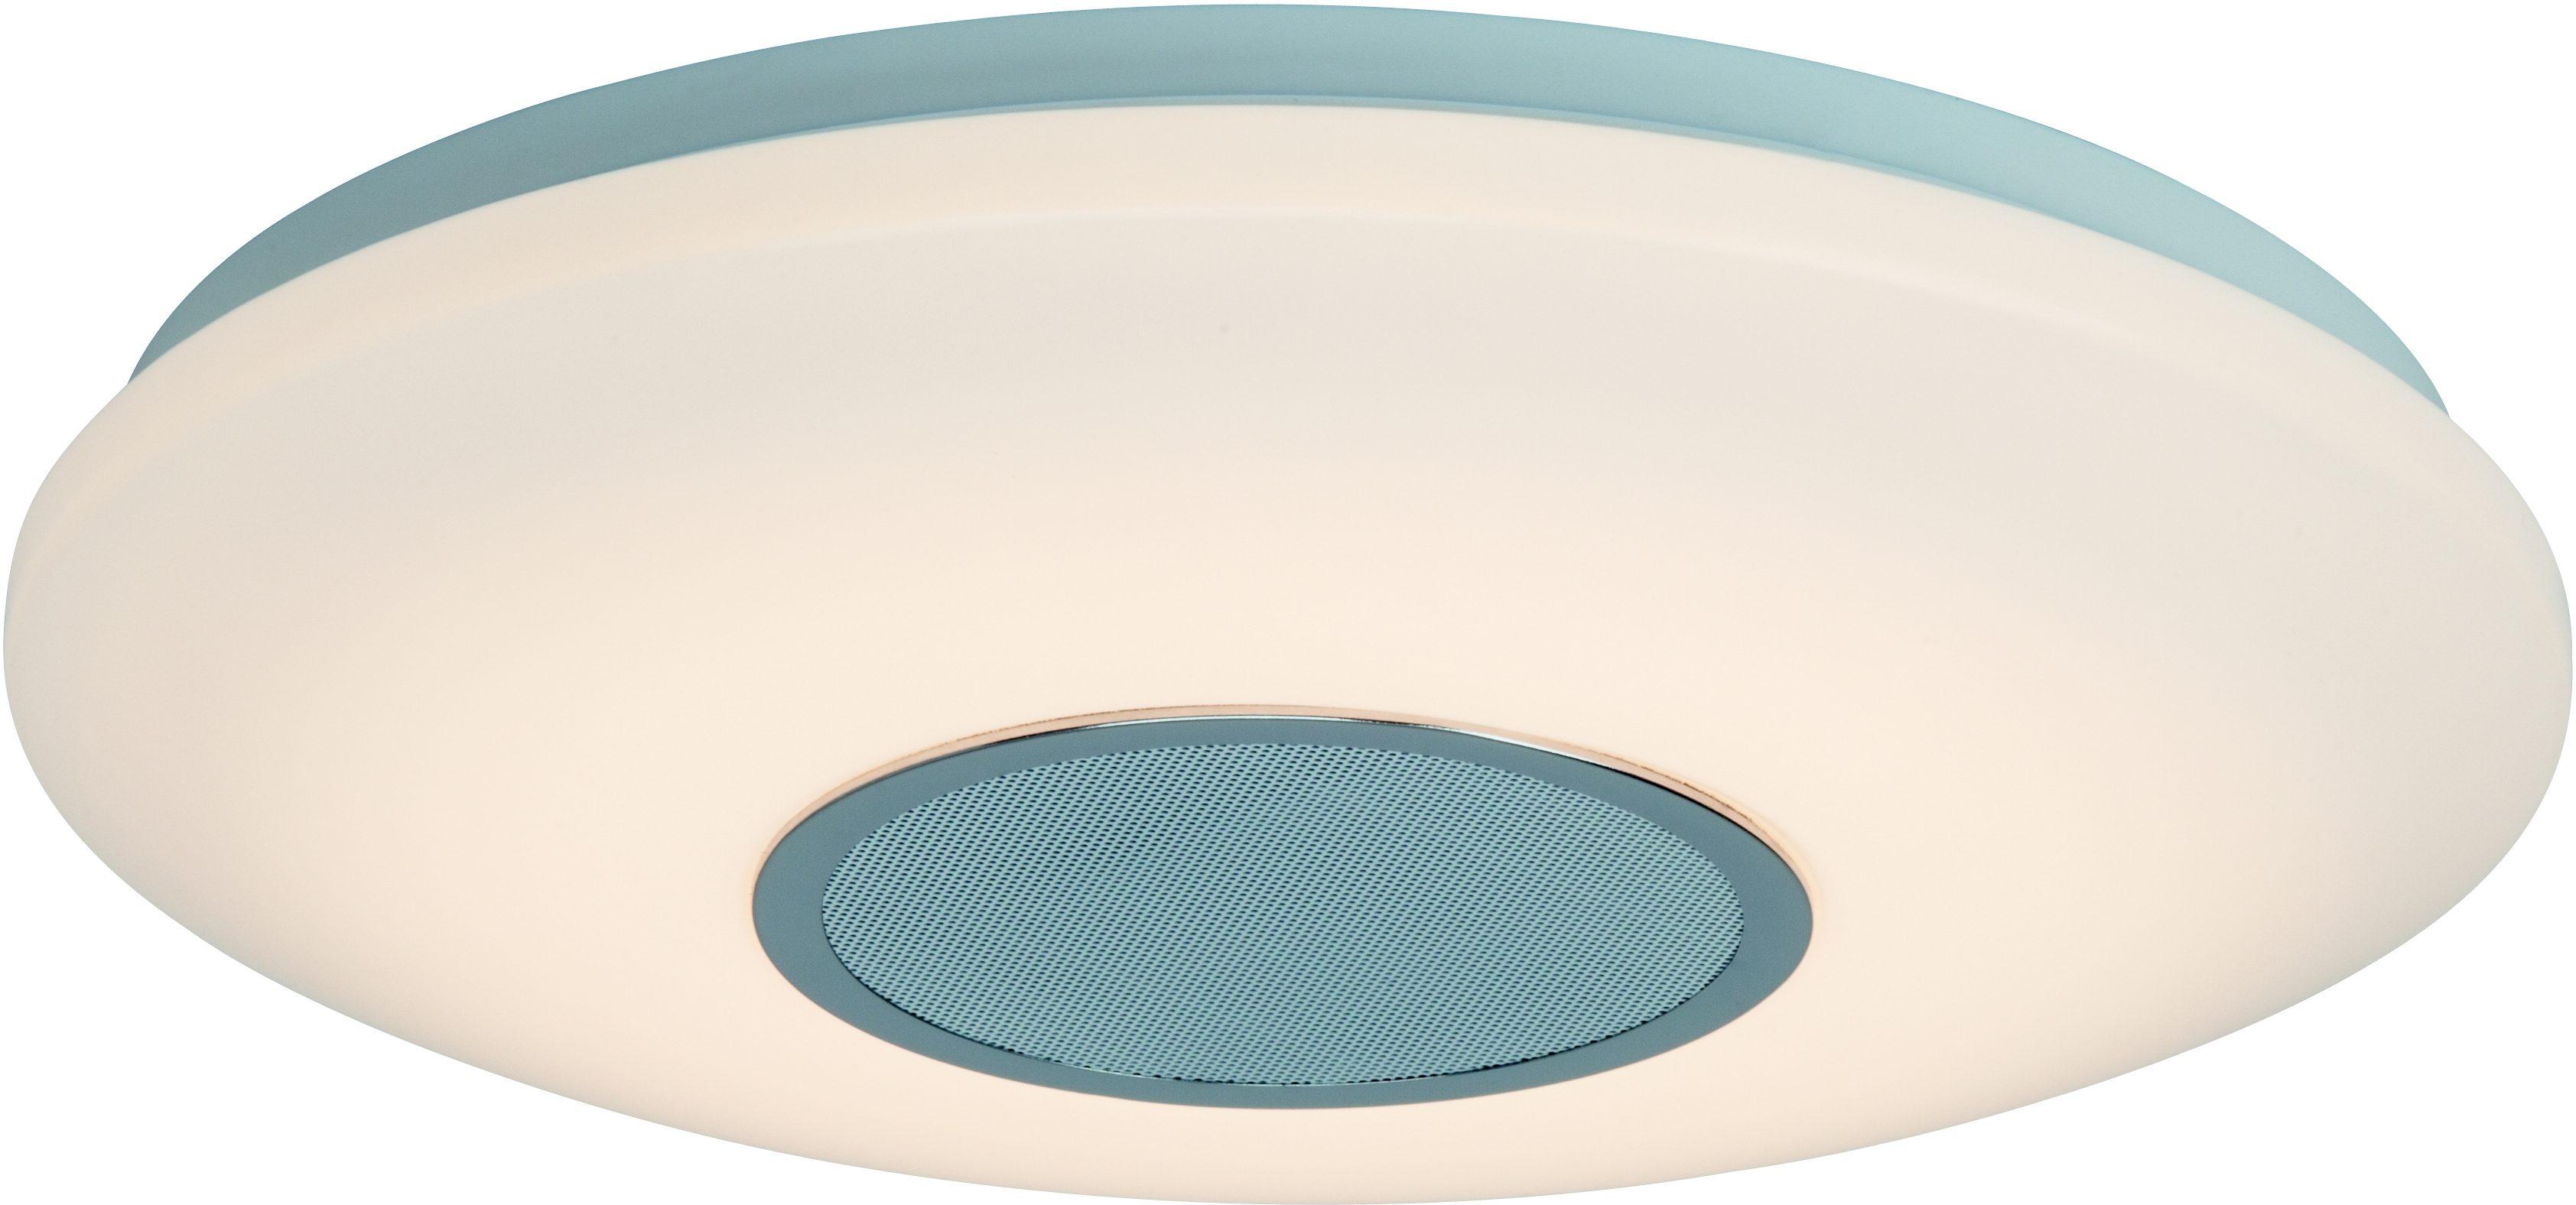 AEG Leuchten LED Deckenleuchte »Bailando«, mit Bluetooth ...